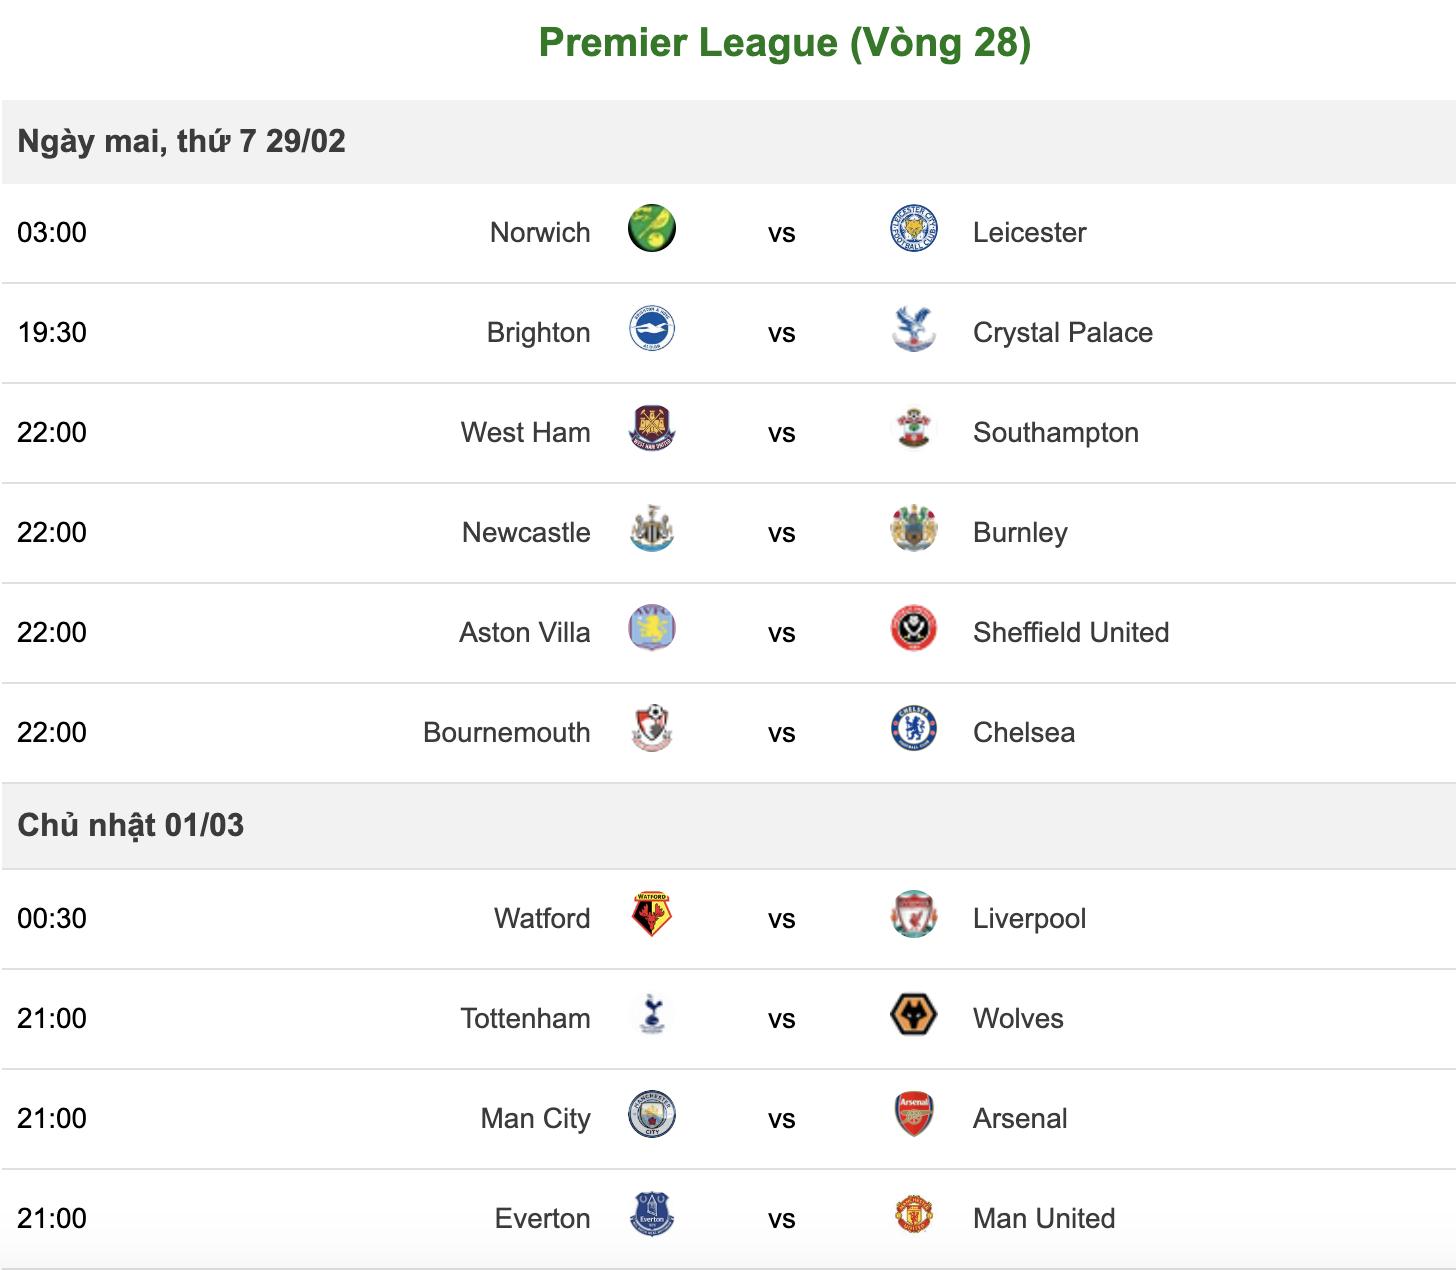 Trước vòng 28 Premier League MU tiếp đà thăng hoa hình ảnh gốc 2